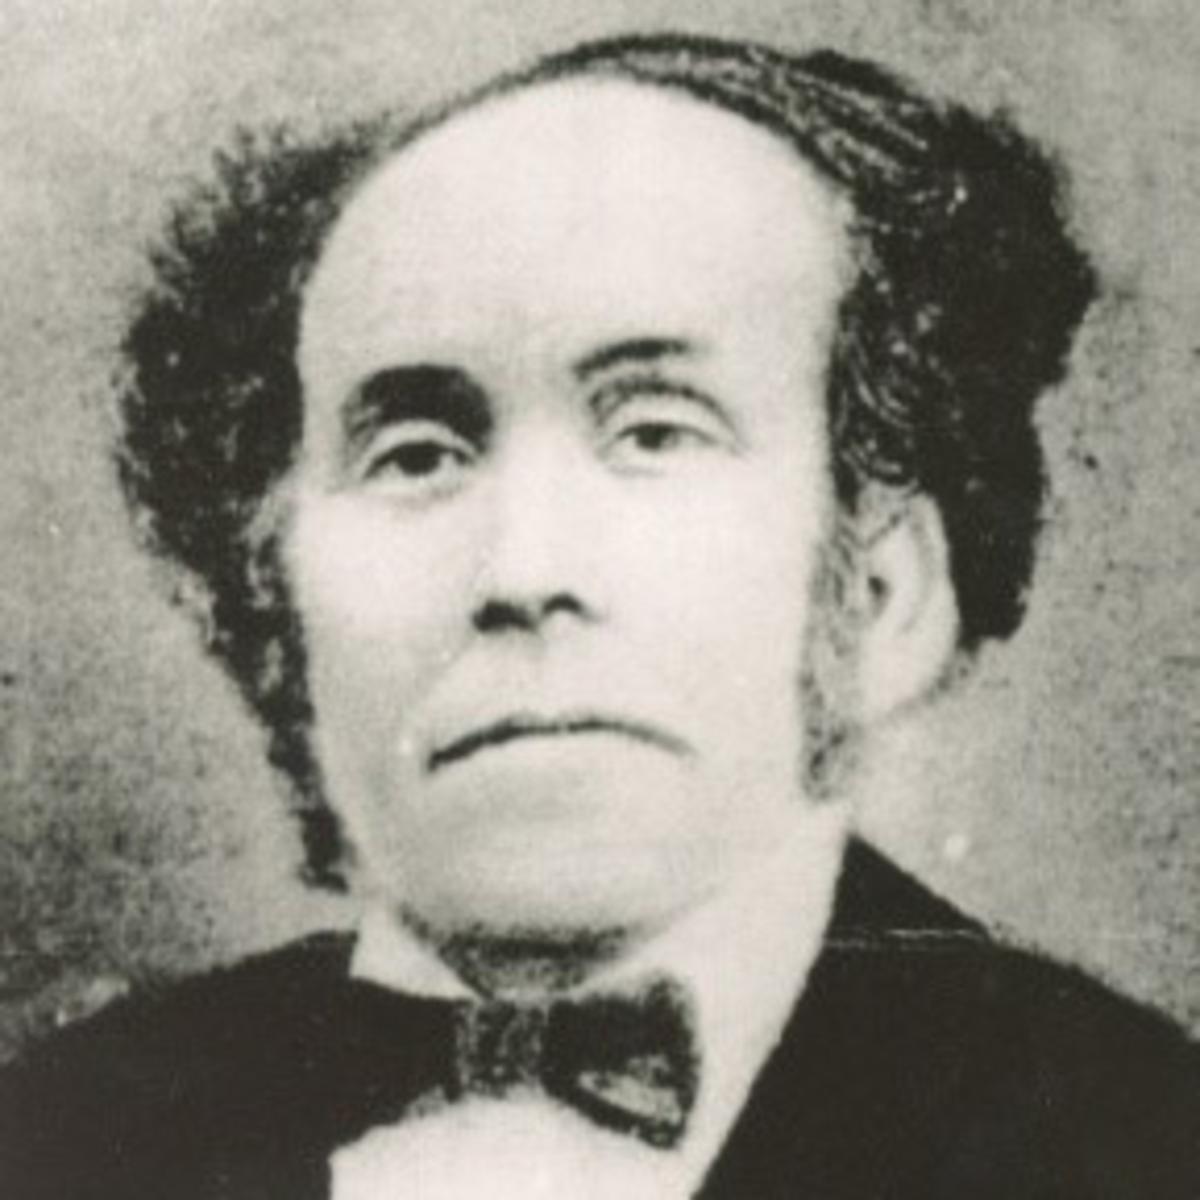 John Parry jnr